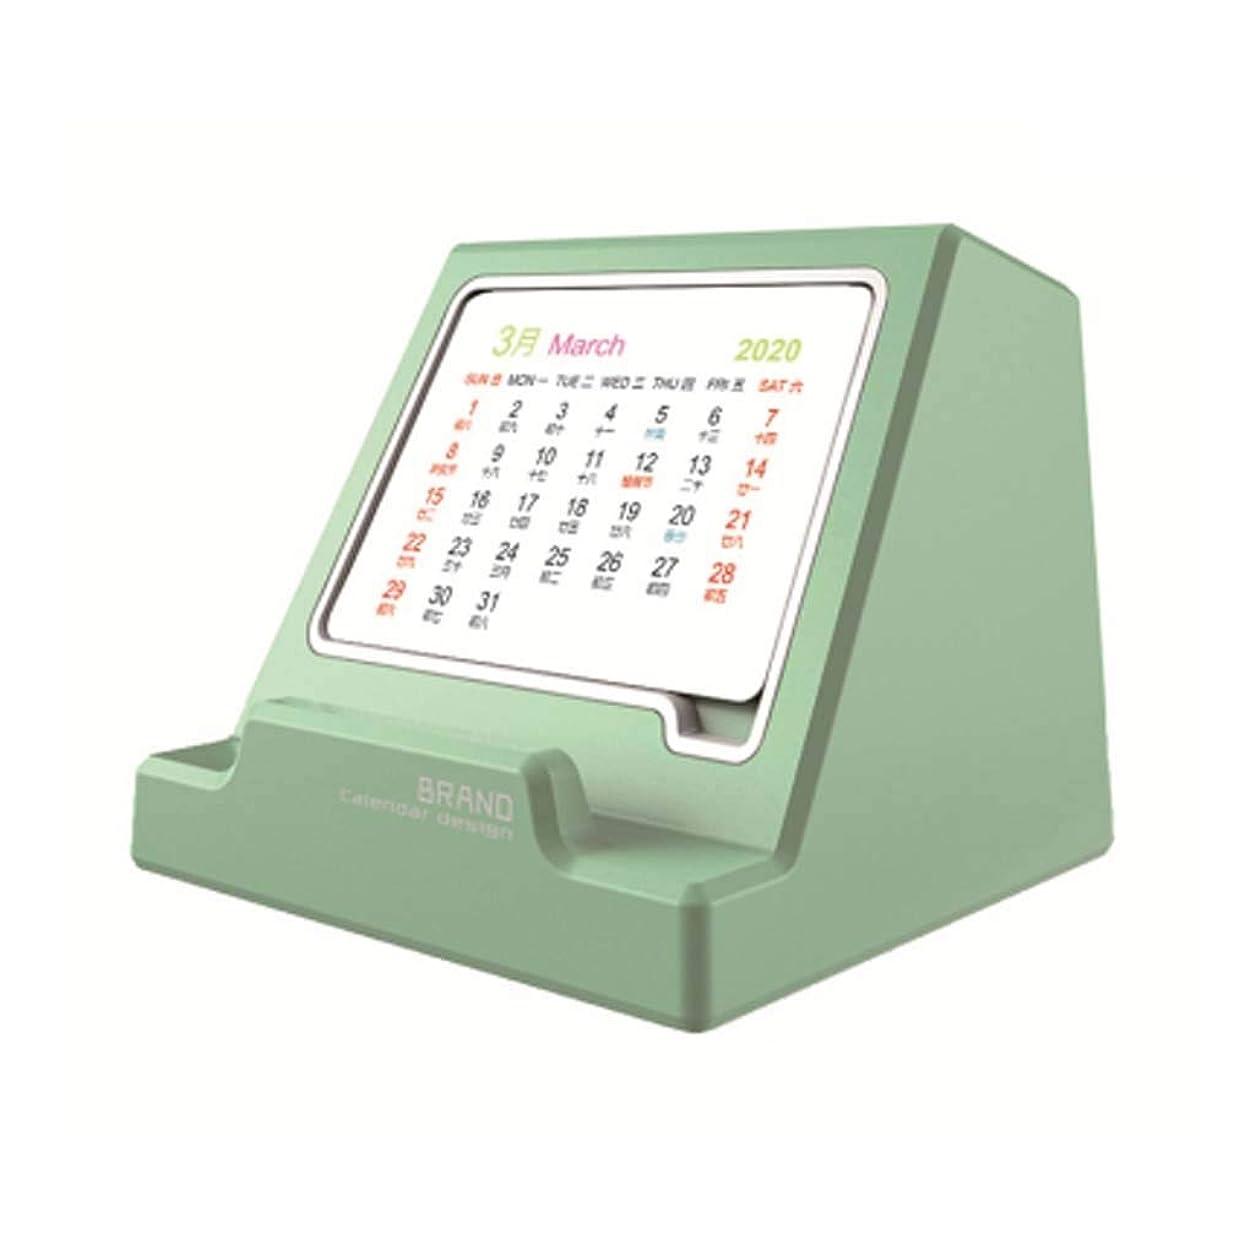 ベリー憧れ温室卓上カレンダー2020オフィスの装飾創造的な携帯電話ホルダー多機能カレンダープラスチック材料8.8 * 10 * 10.2センチメートル (色 : 緑, サイズ : 88*100*102mm)